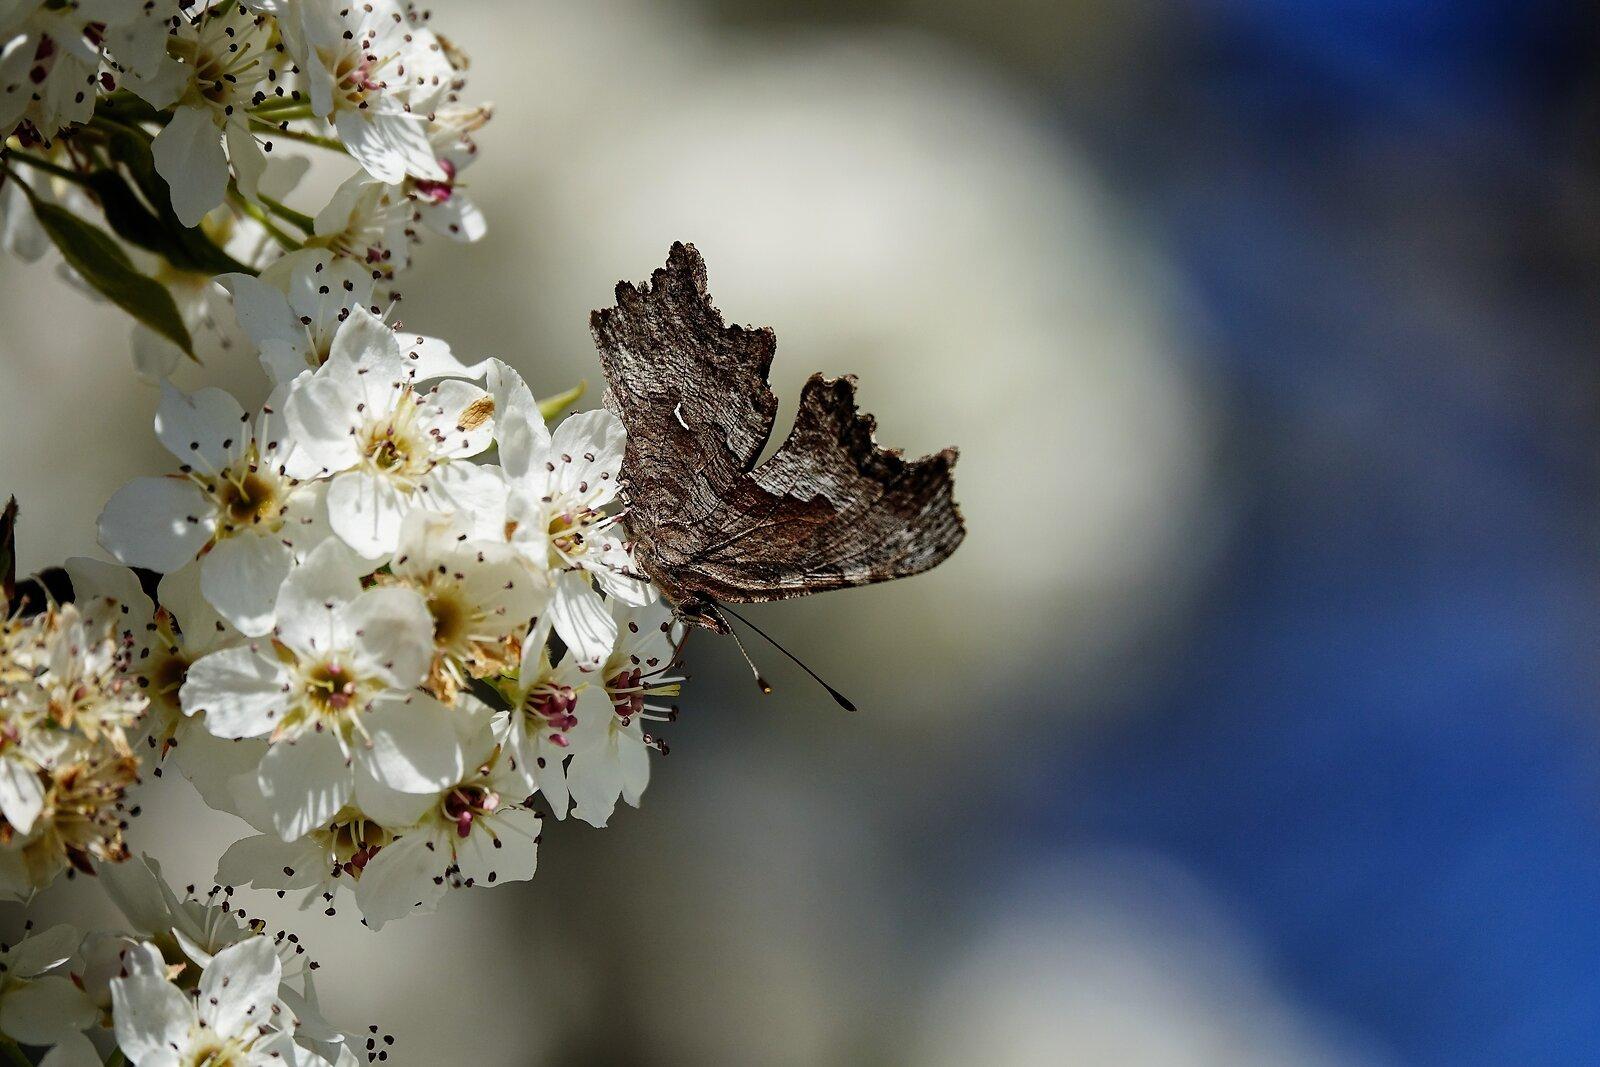 RX10_Mar31_21_Lustrous_copper_butterfly(wngs_clsd).jpg